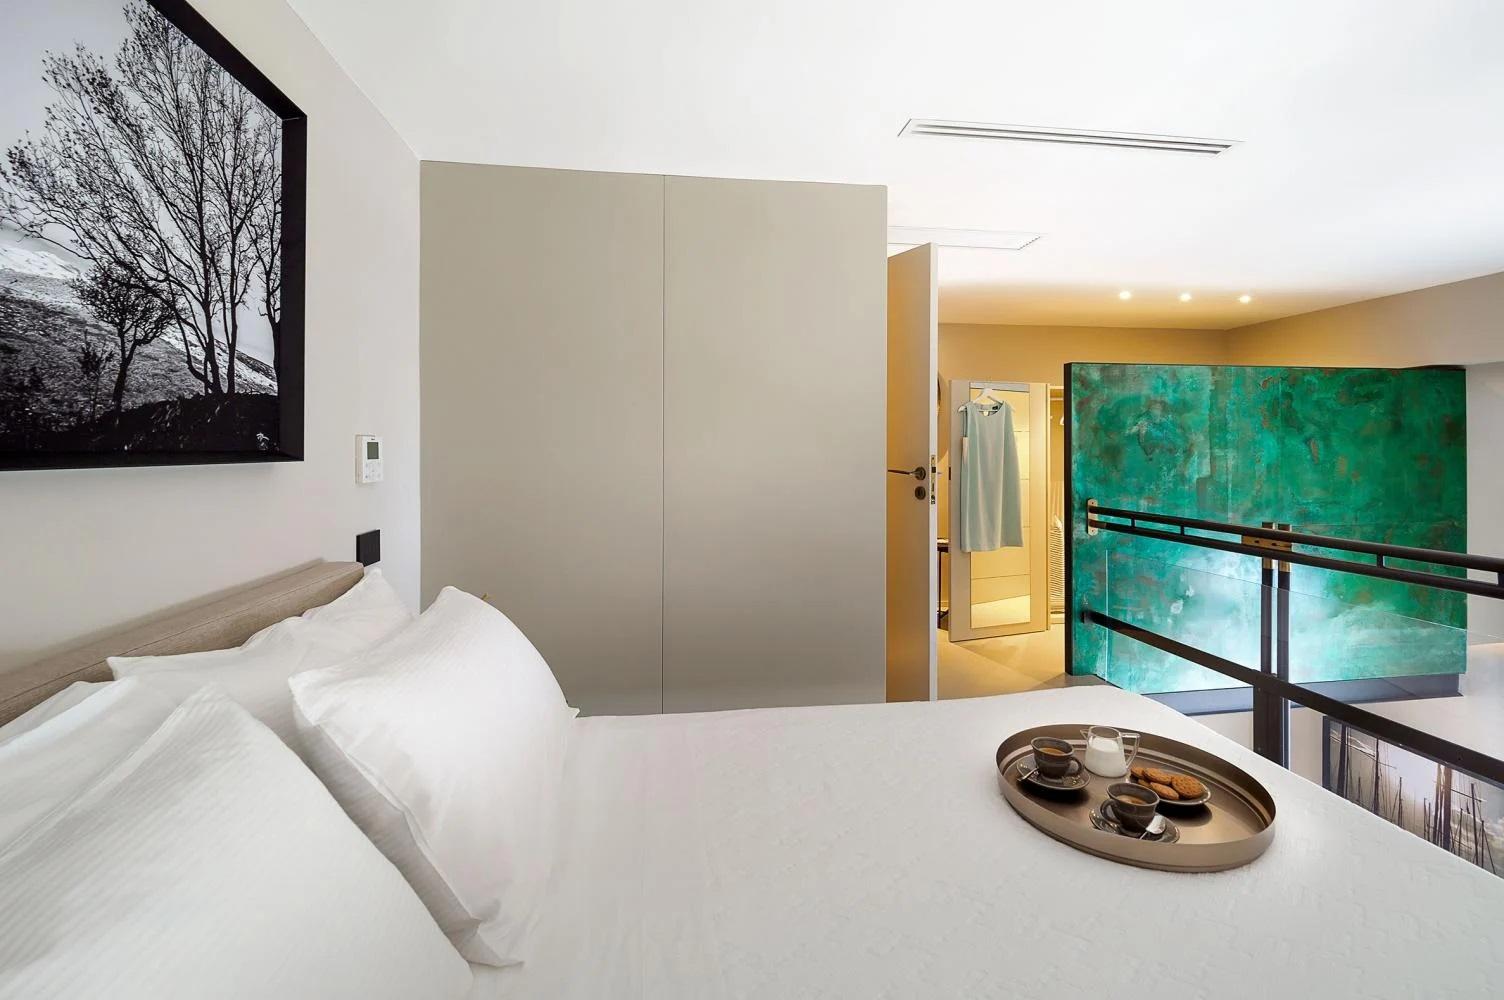 Second Floor Mezzanine bedroom